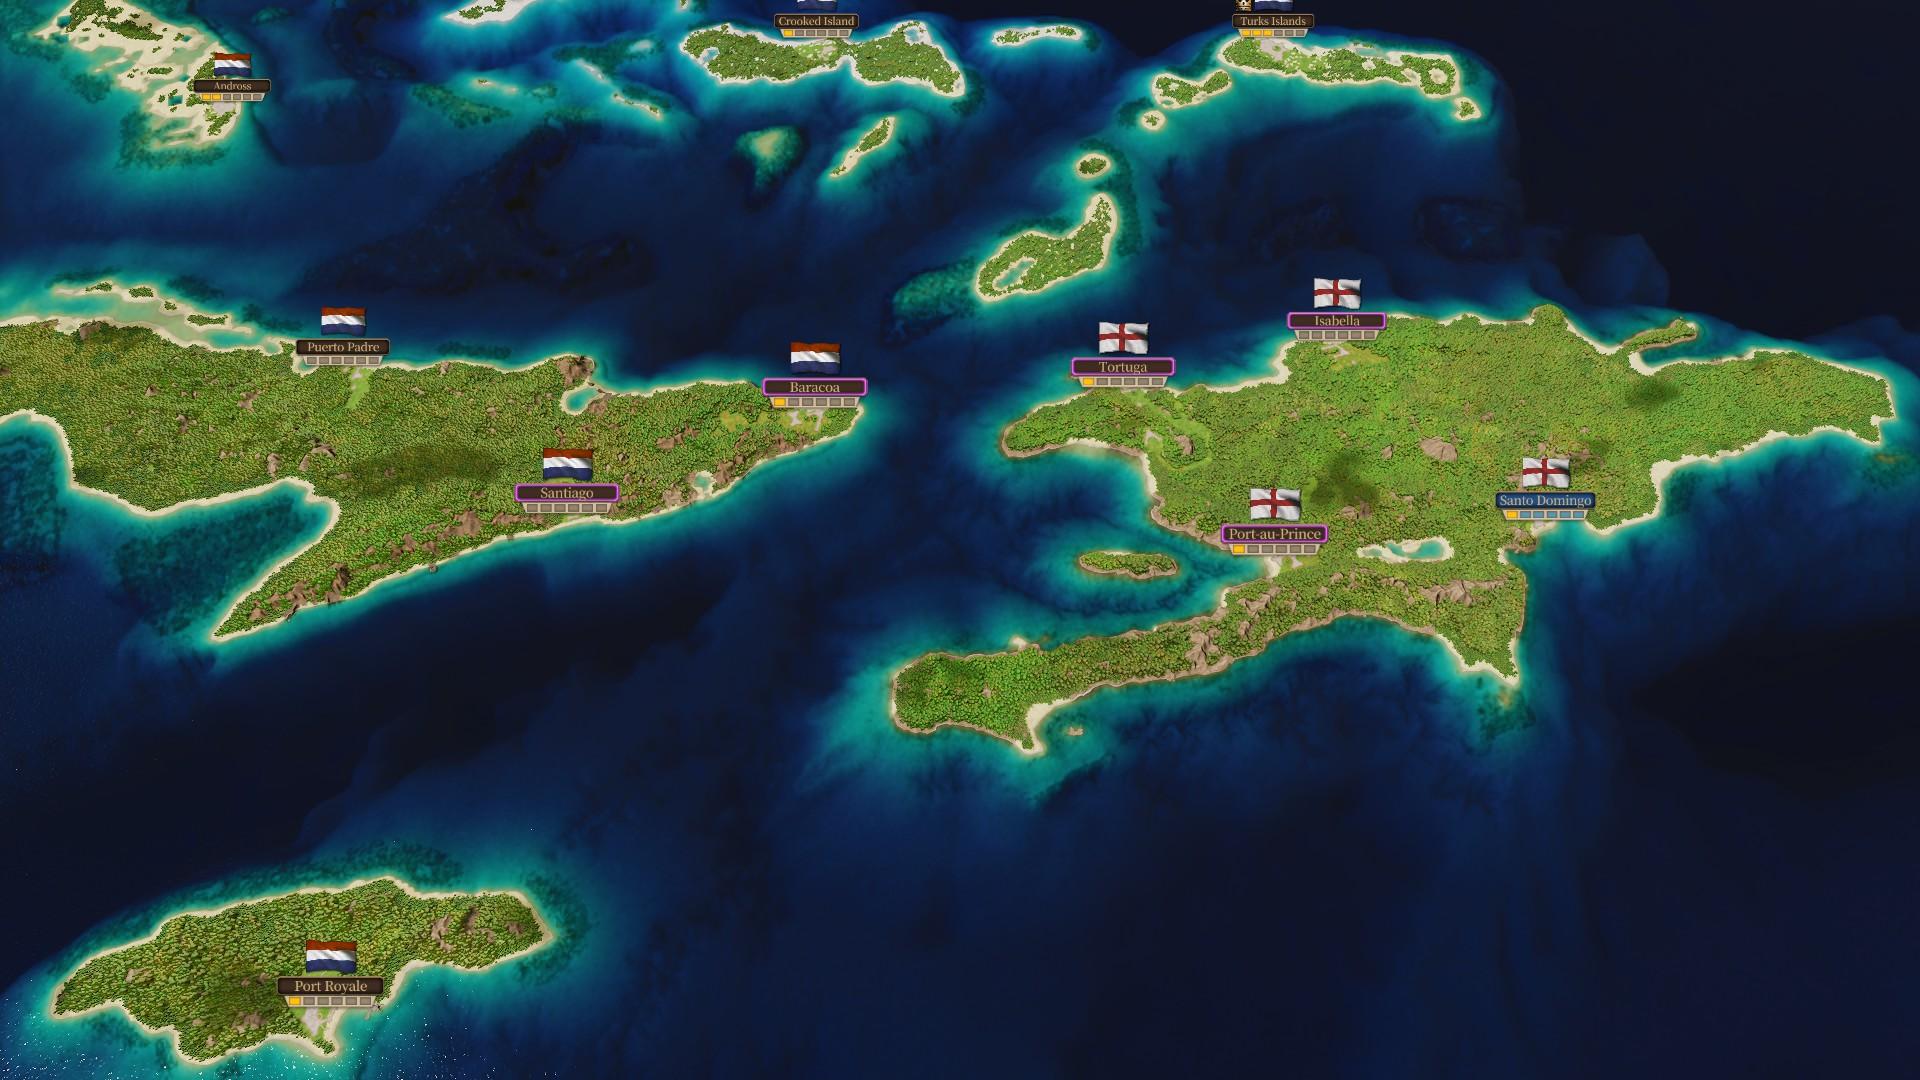 """Game-Screenshot aus der Handelssimulation """"Port Royale 4"""": Zu sehen sind die Spielnationen auf einer Handelskarte."""